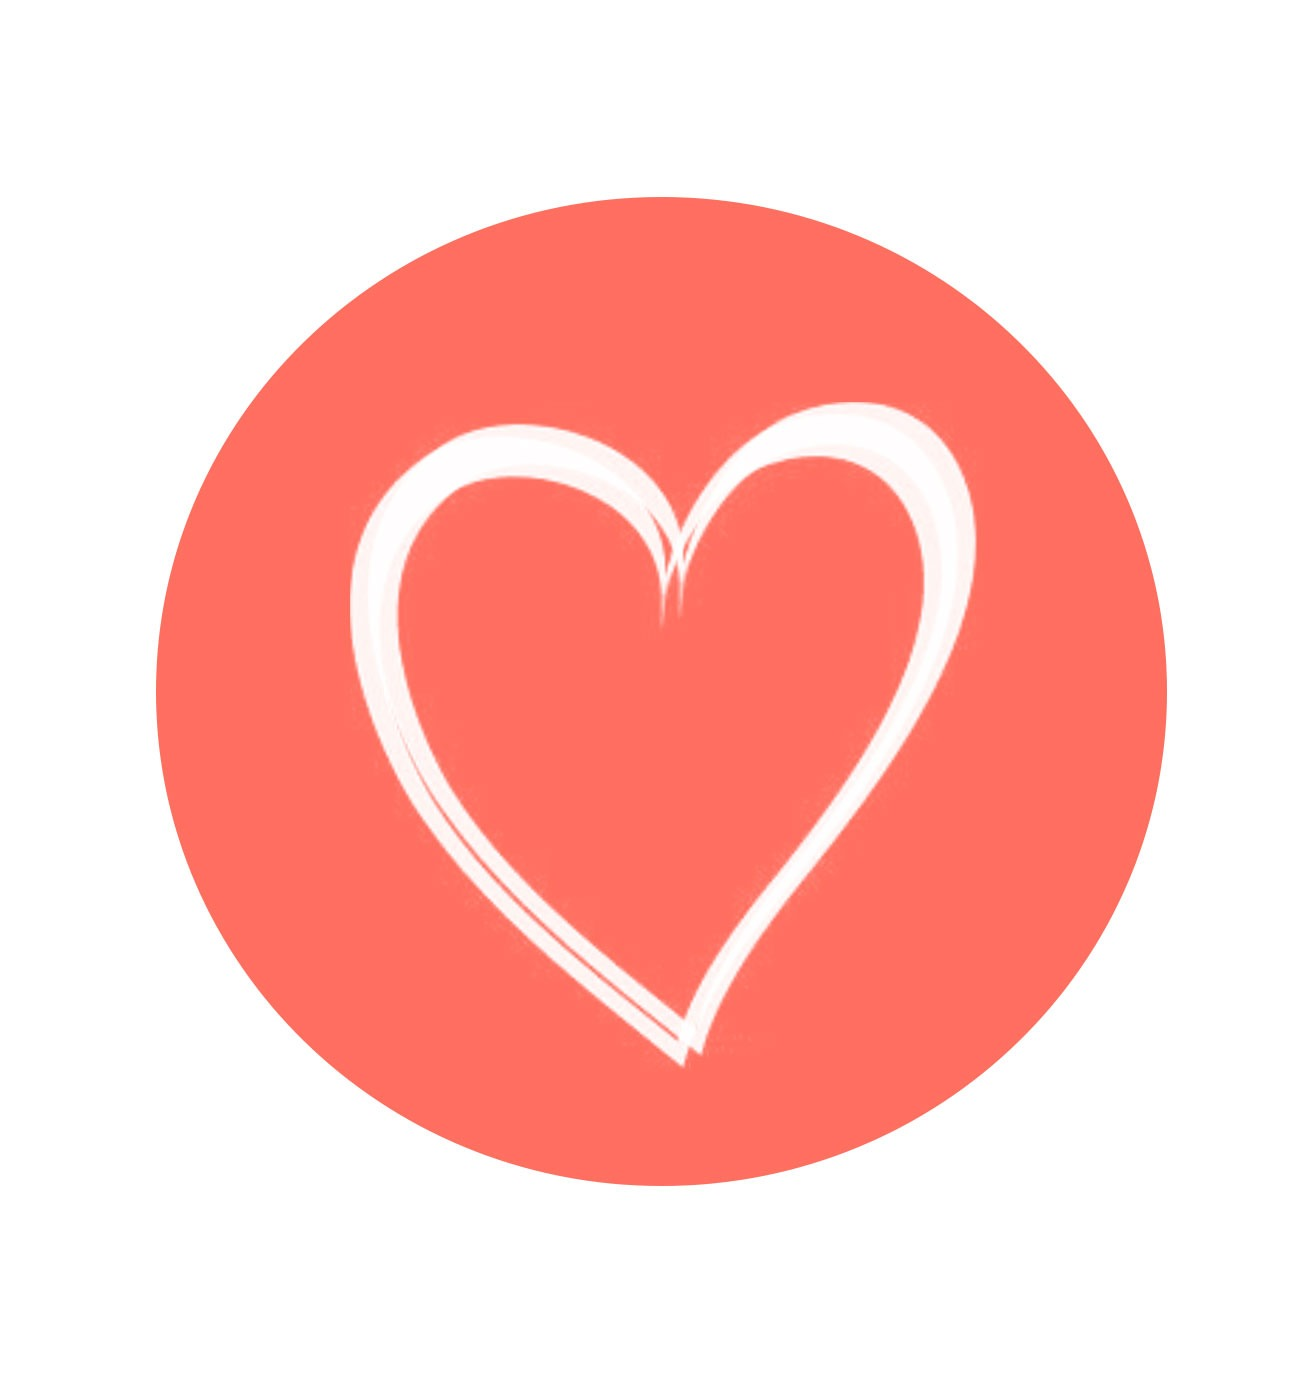 coeur_plus produit